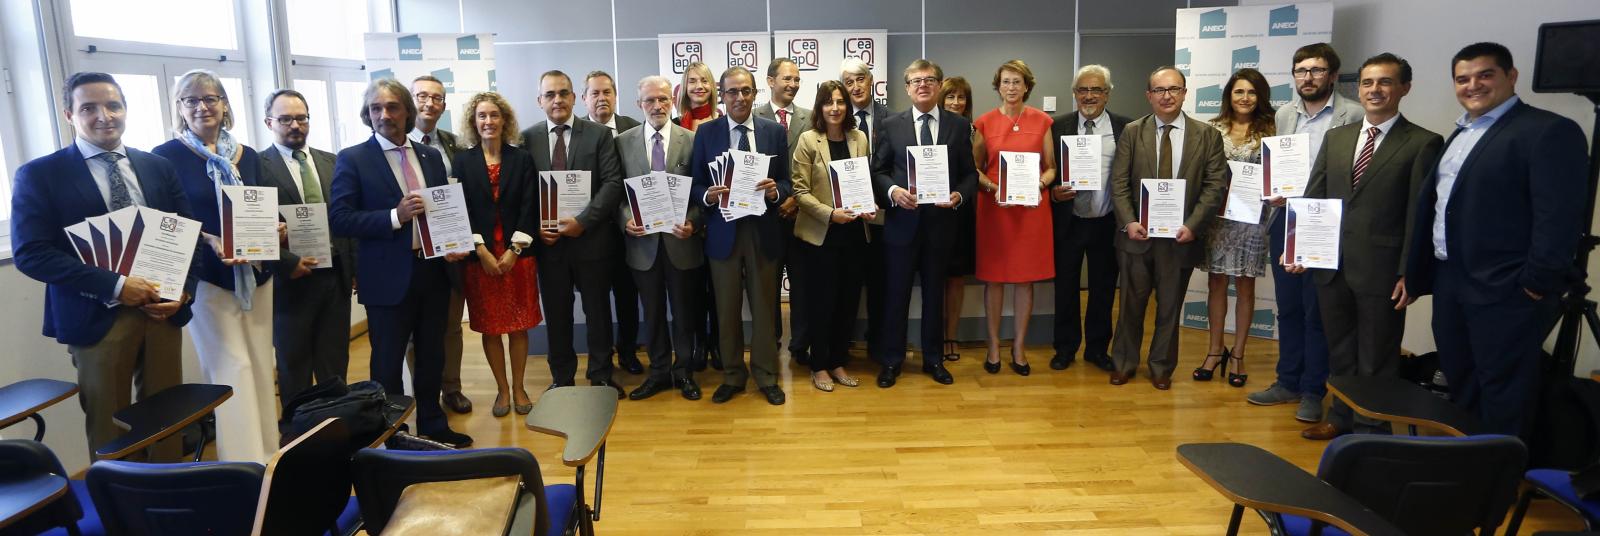 Entrega de los certificados de la 1ª convocatoria del sello CEA-APQ (septiembre, 2017)